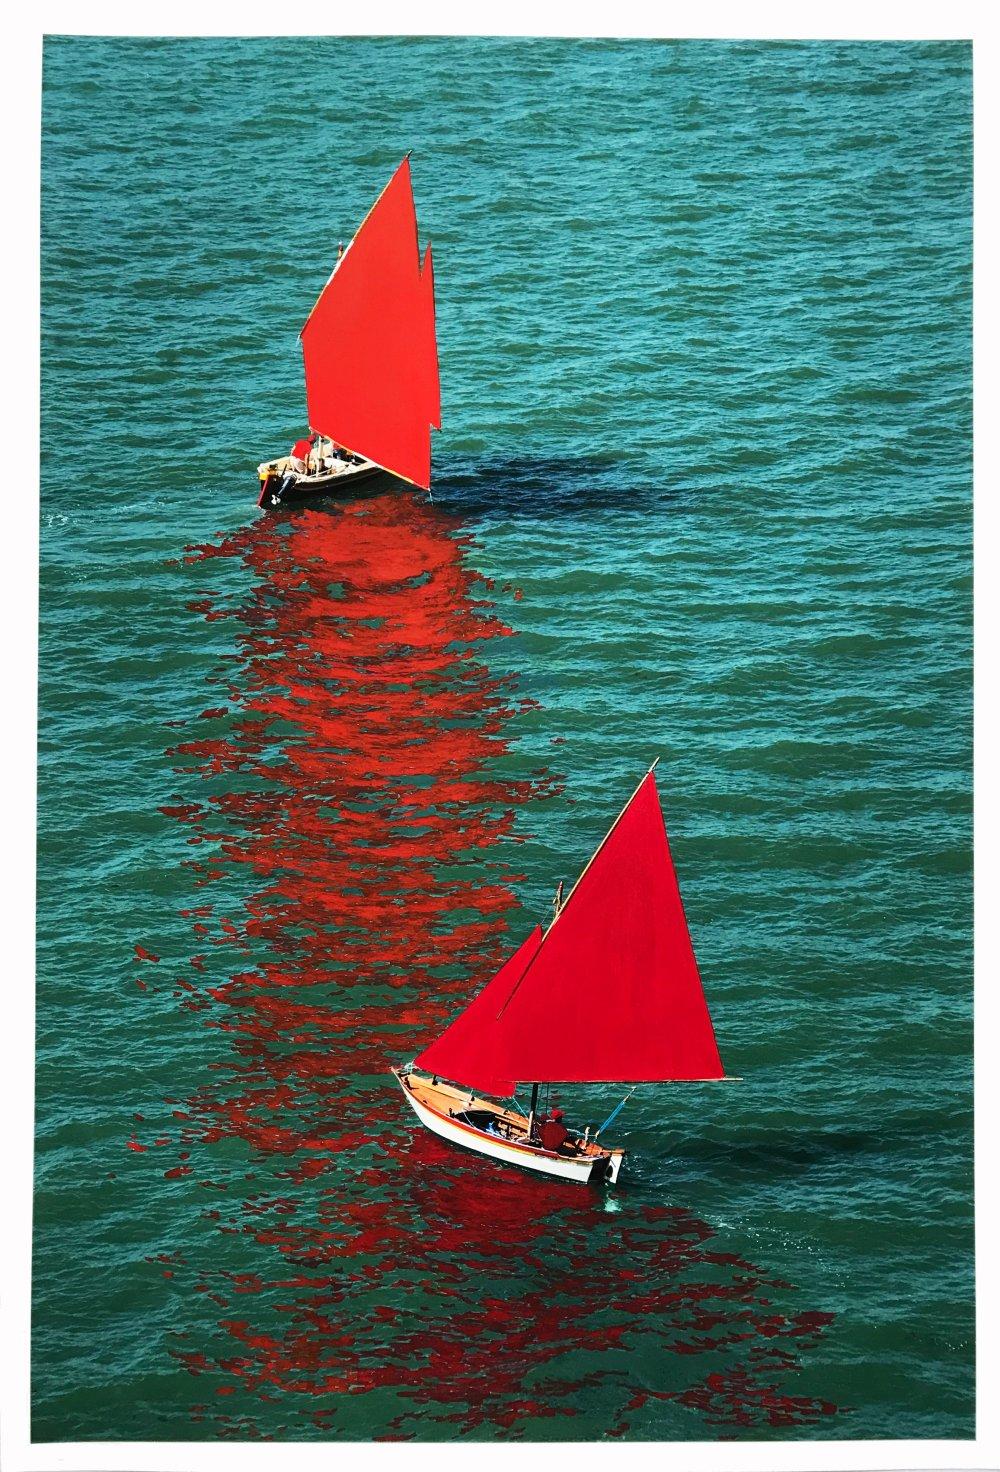 Red Regatta (Vela al Terzo)